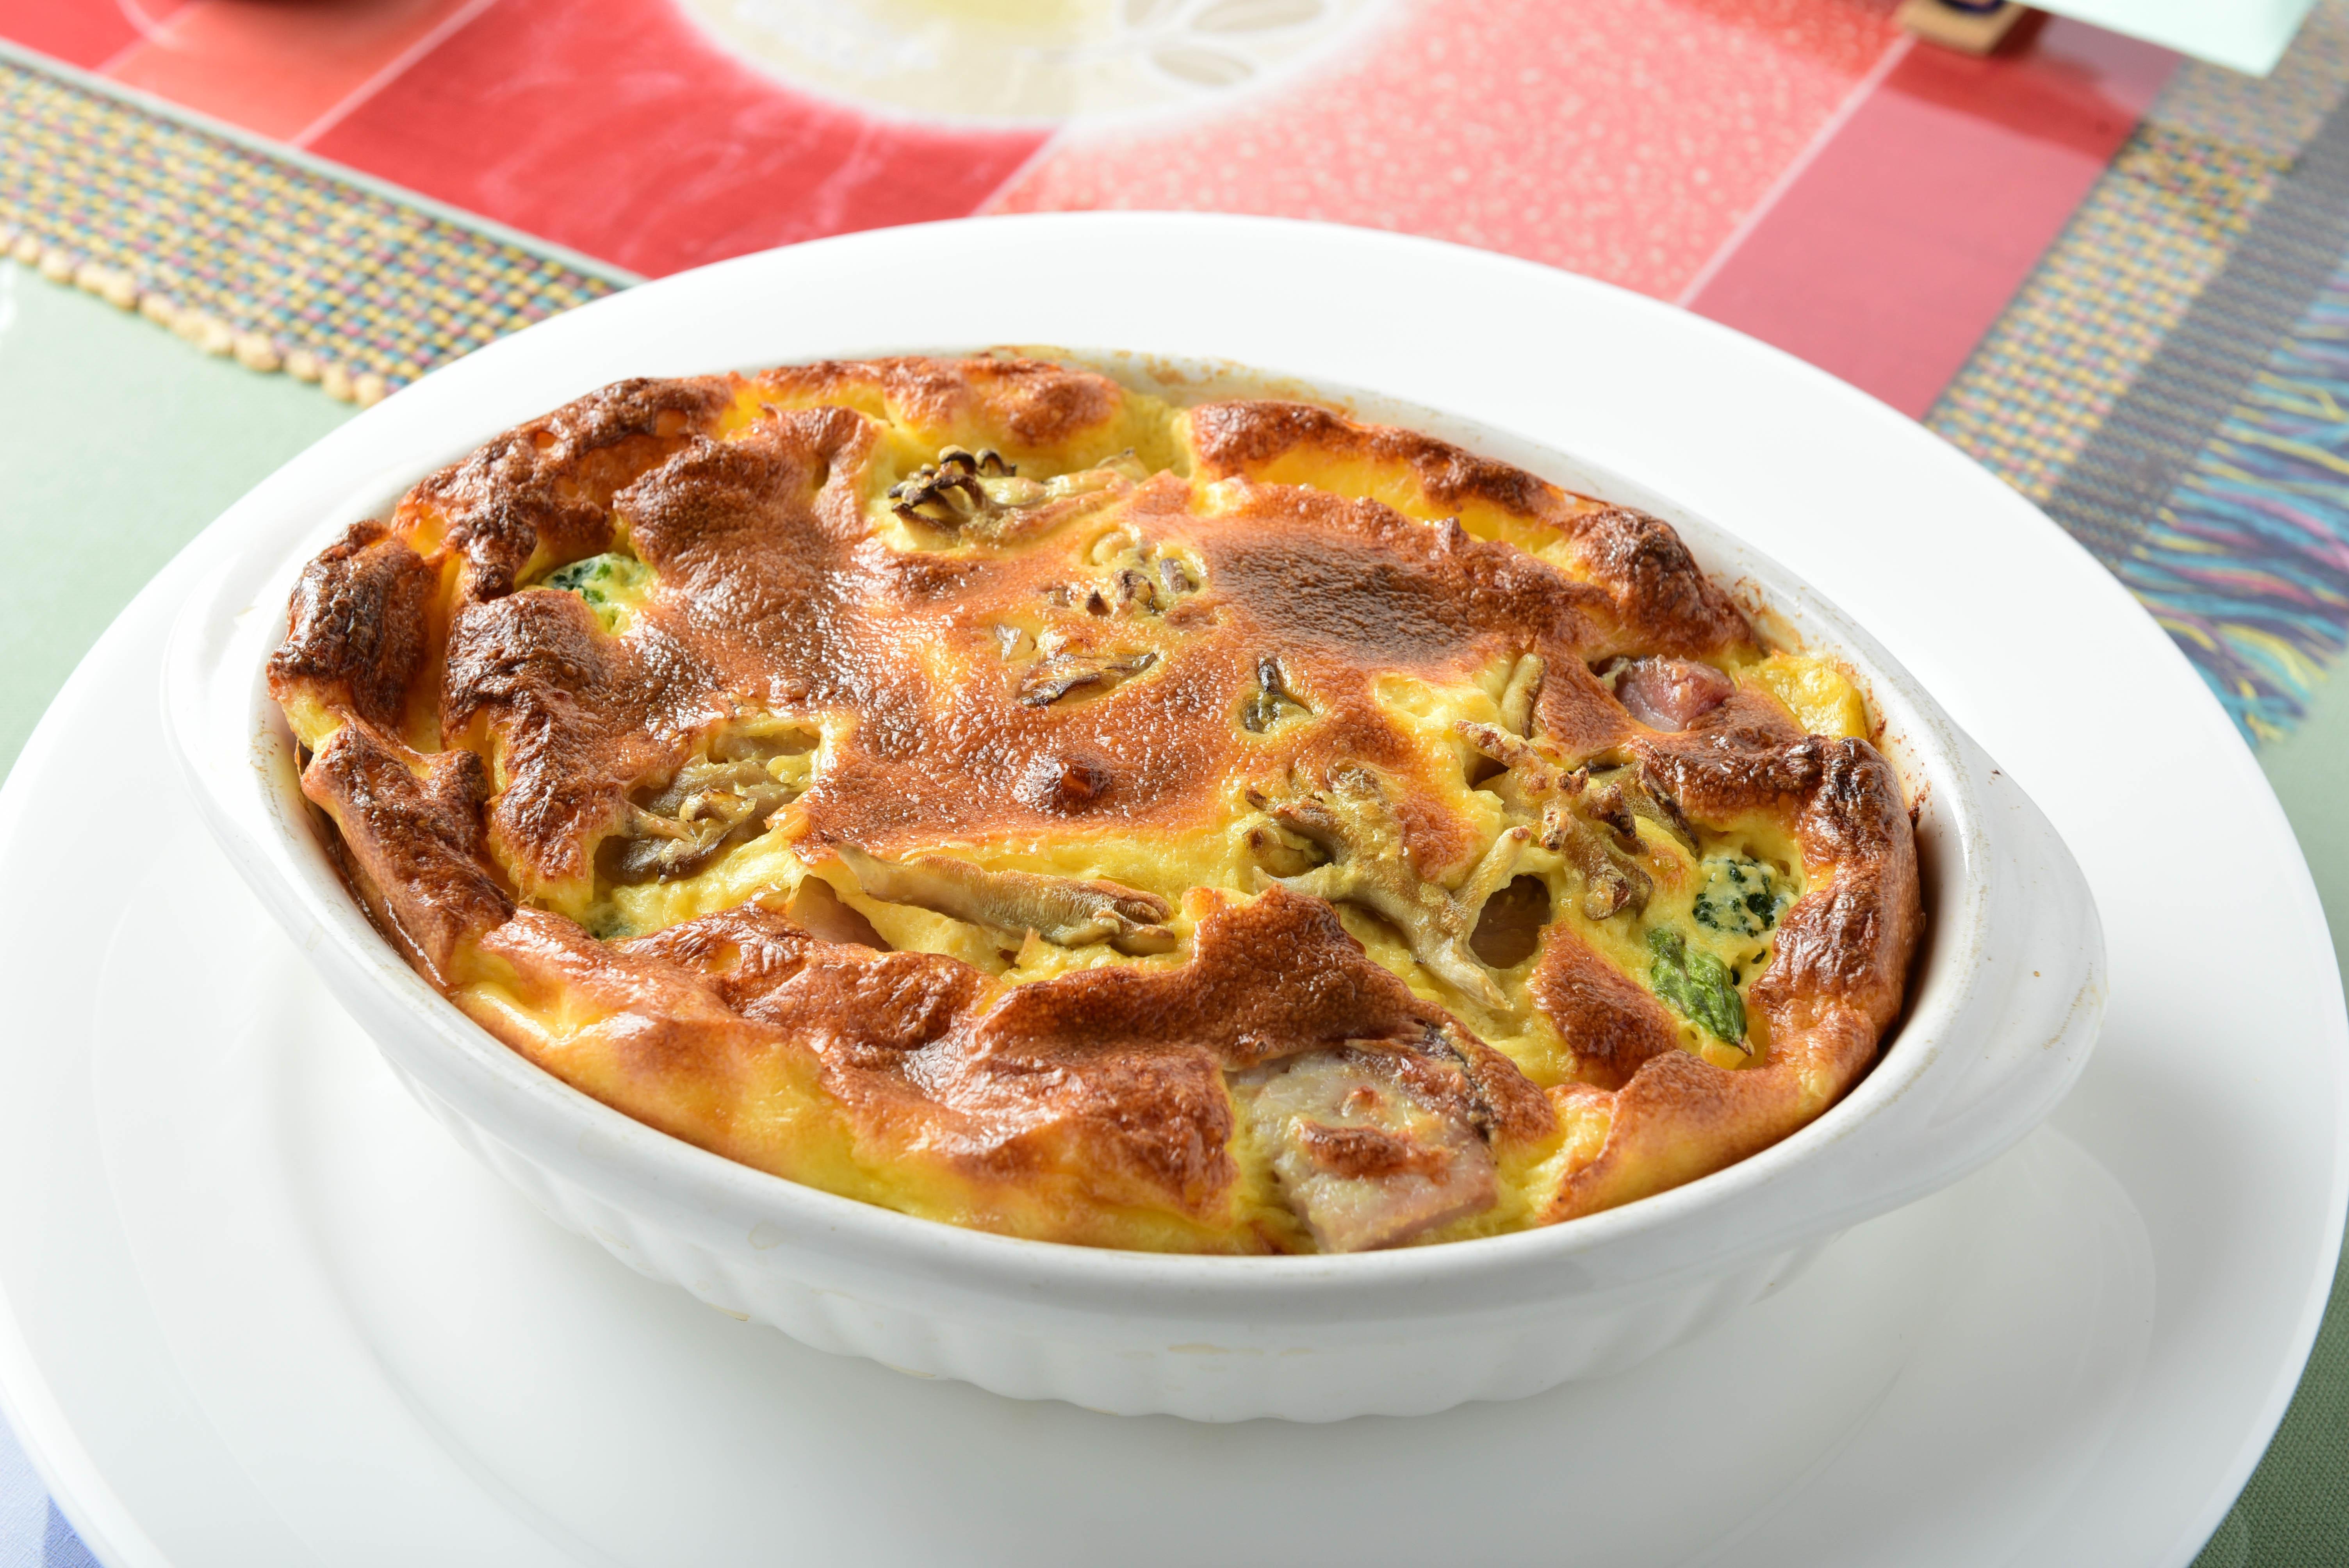 晚饭  蔬菜满满的集结石墨/牛排/汤/沙拉/乳酪酥